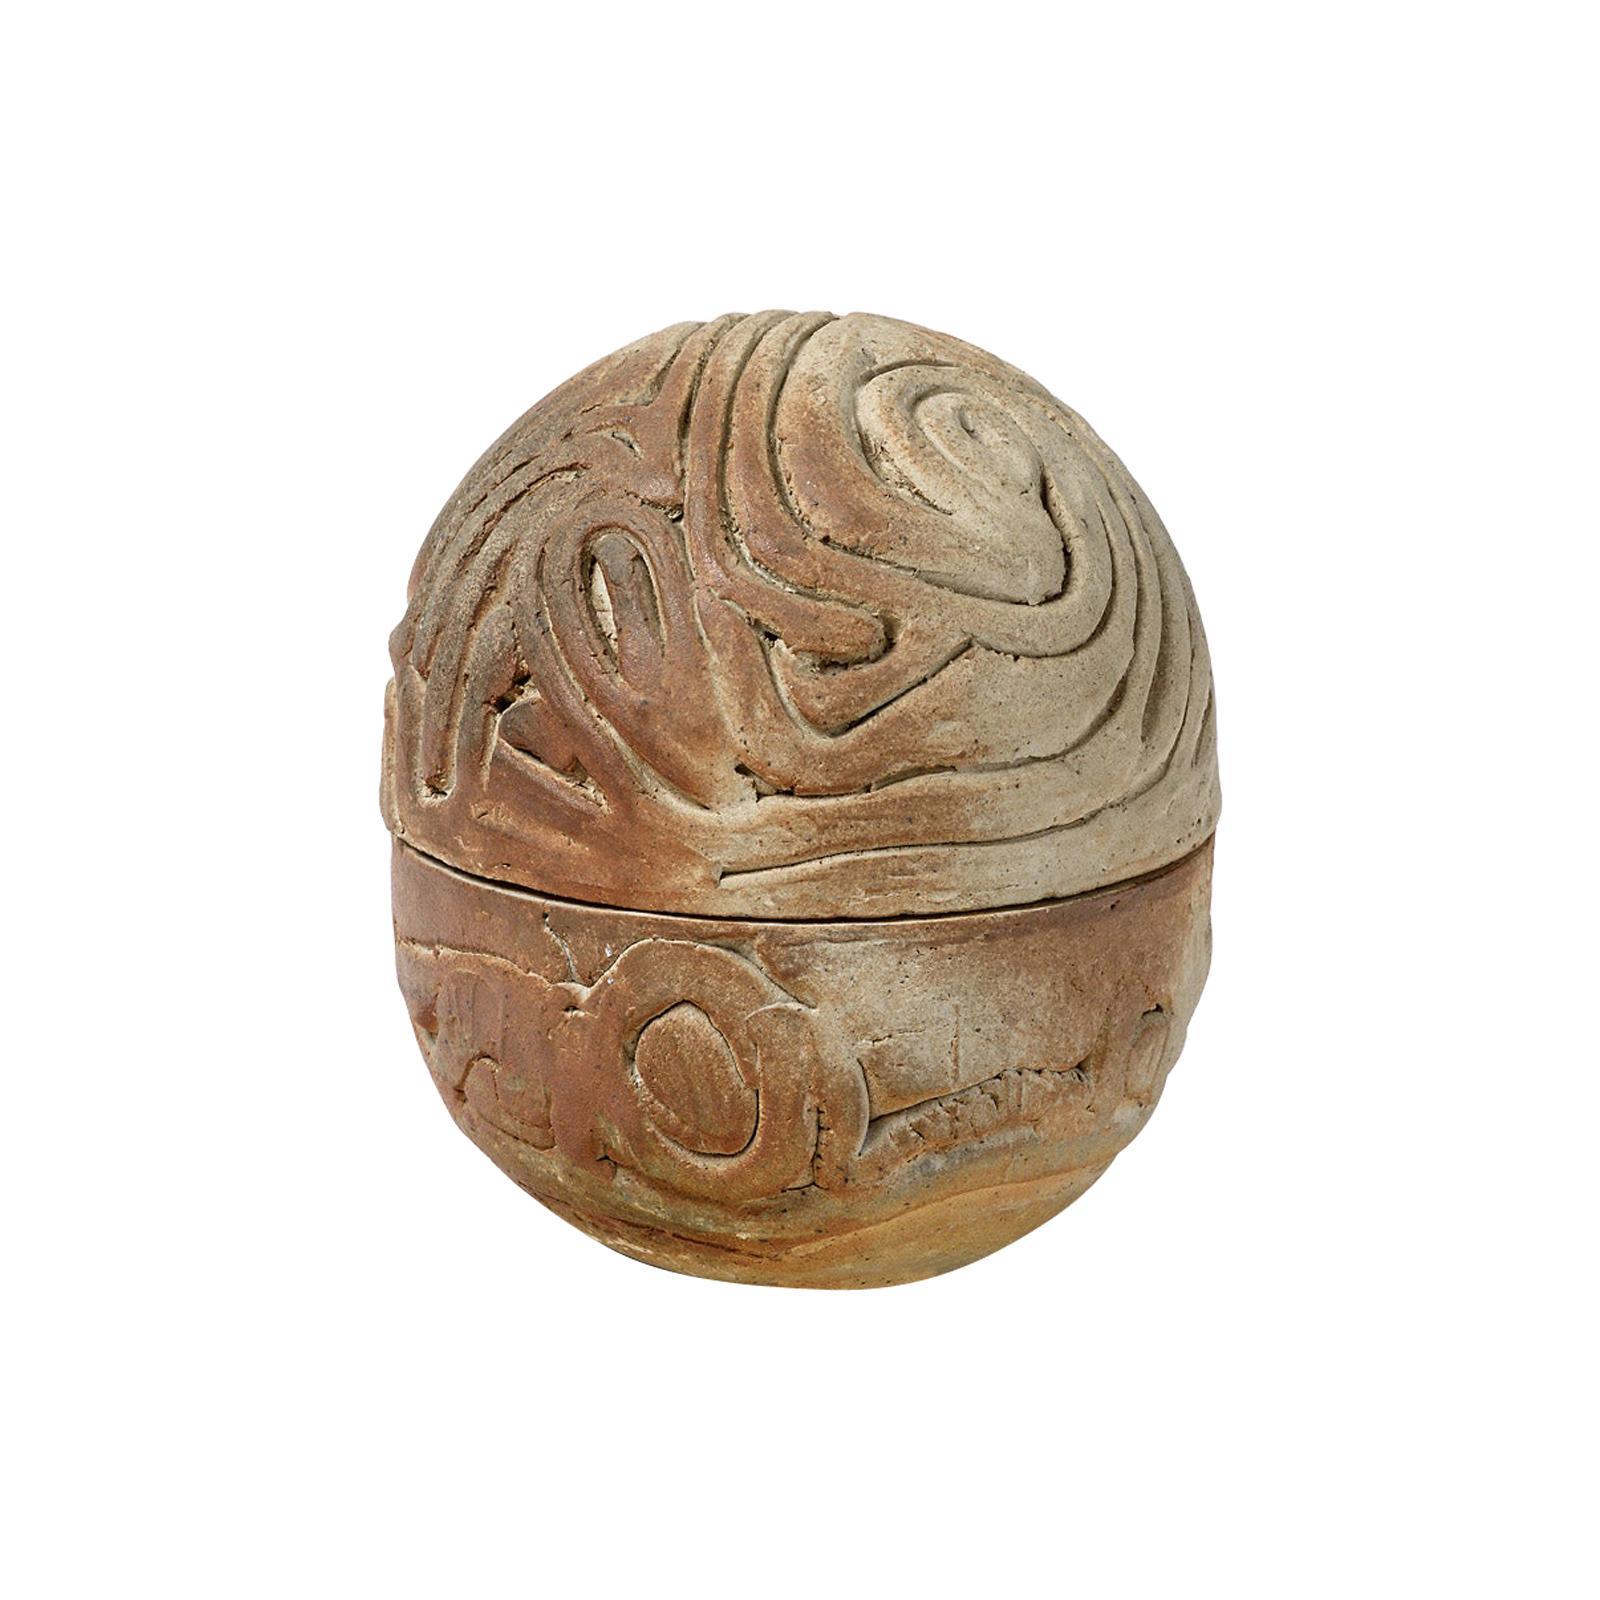 20th Midcentury Stoneware Ceramic Pottery Box La Borne circa 1970 Signed